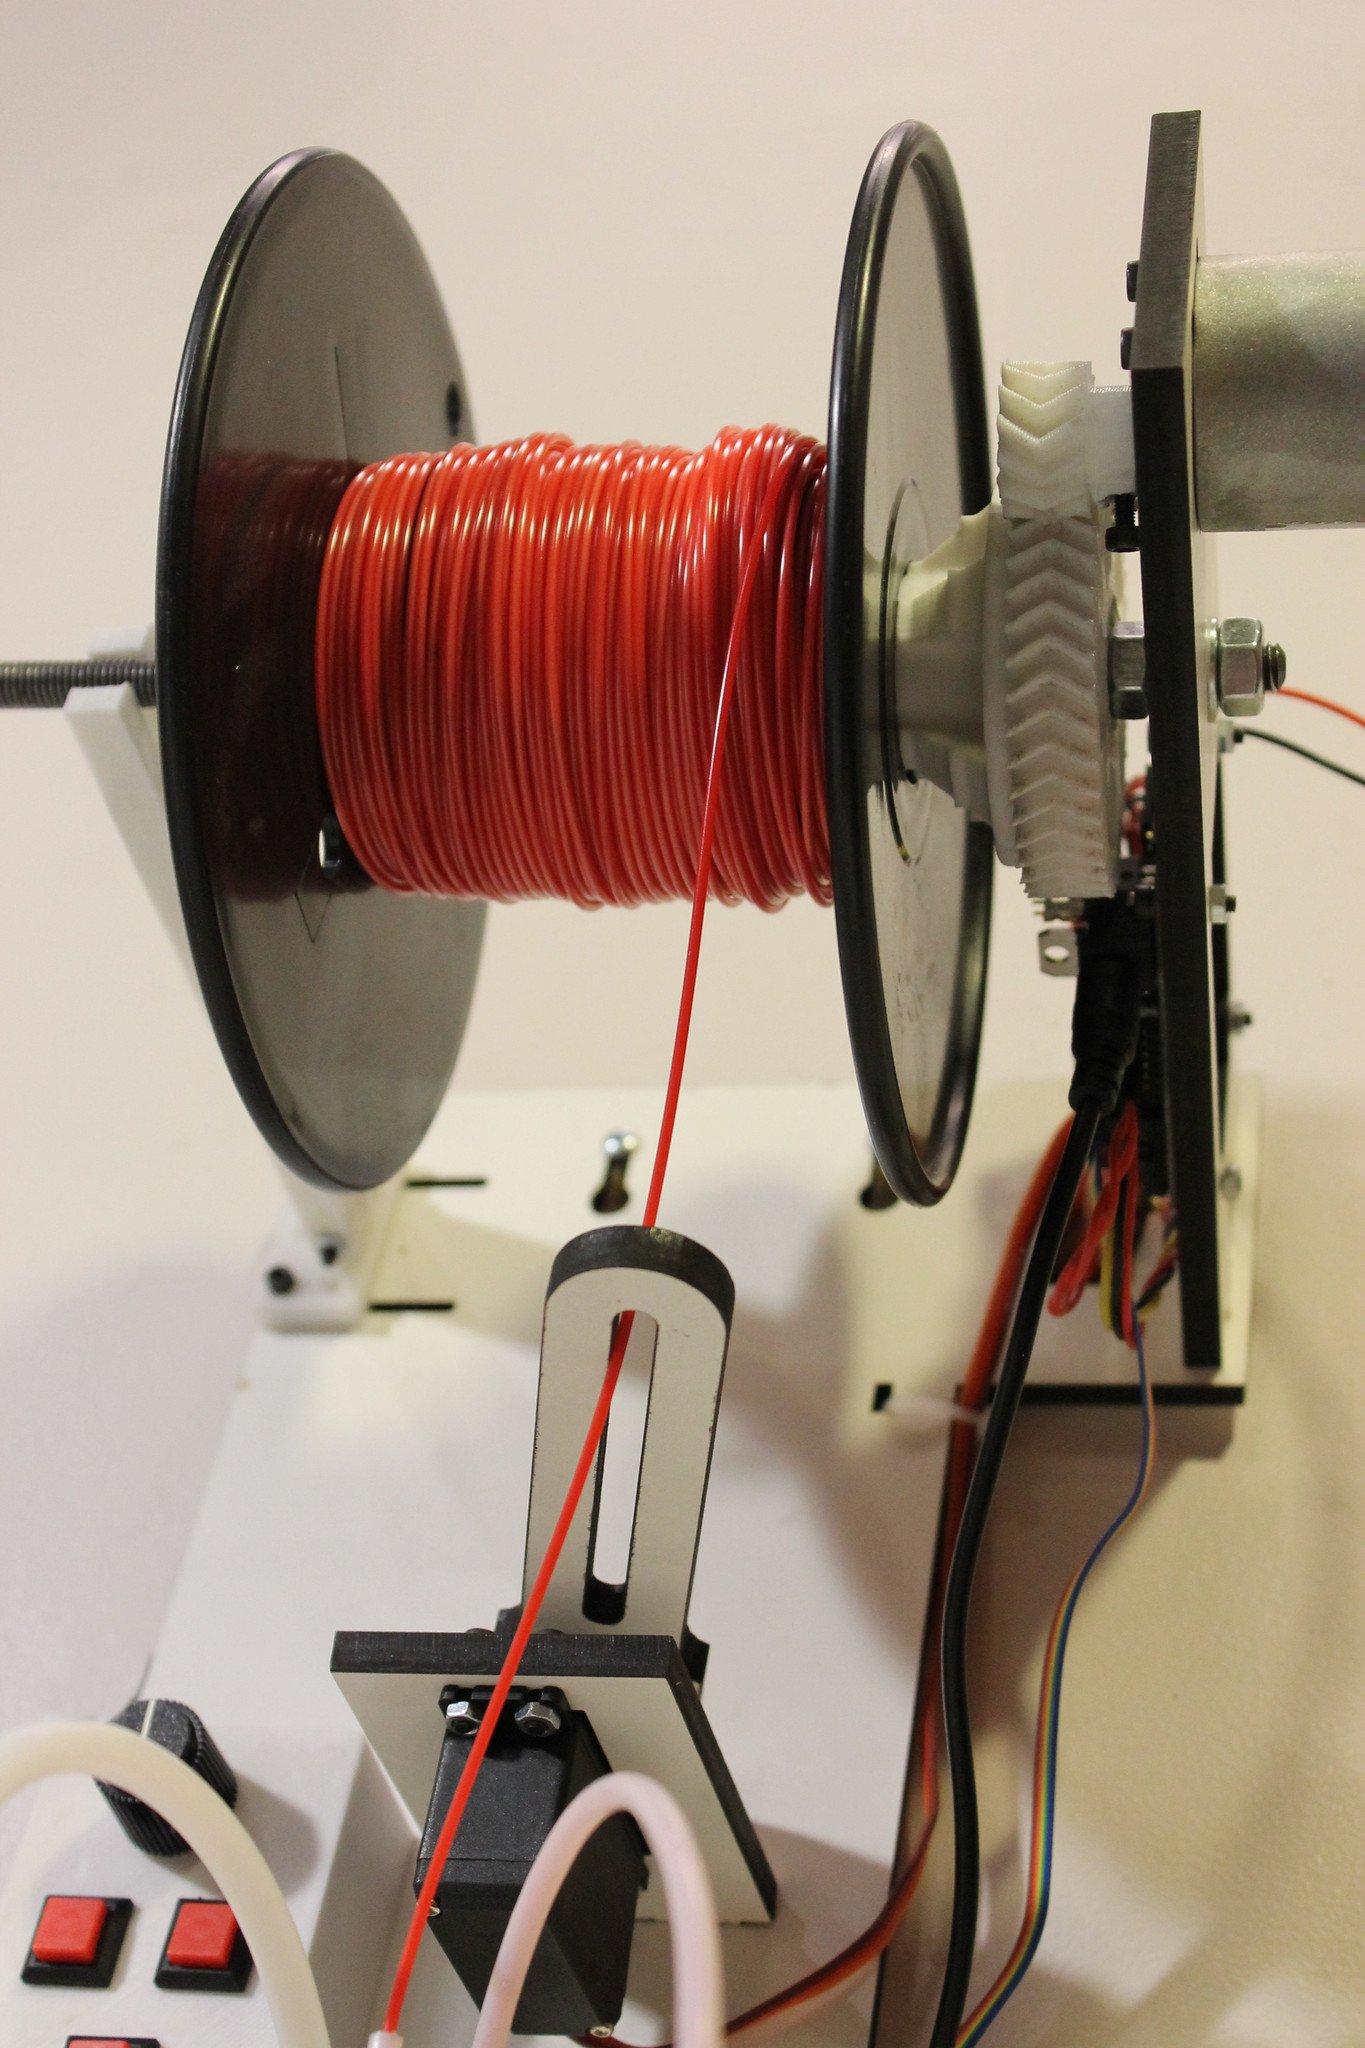 Detalhe do guia em filawinder para enrolar o filamento da impressora 3D